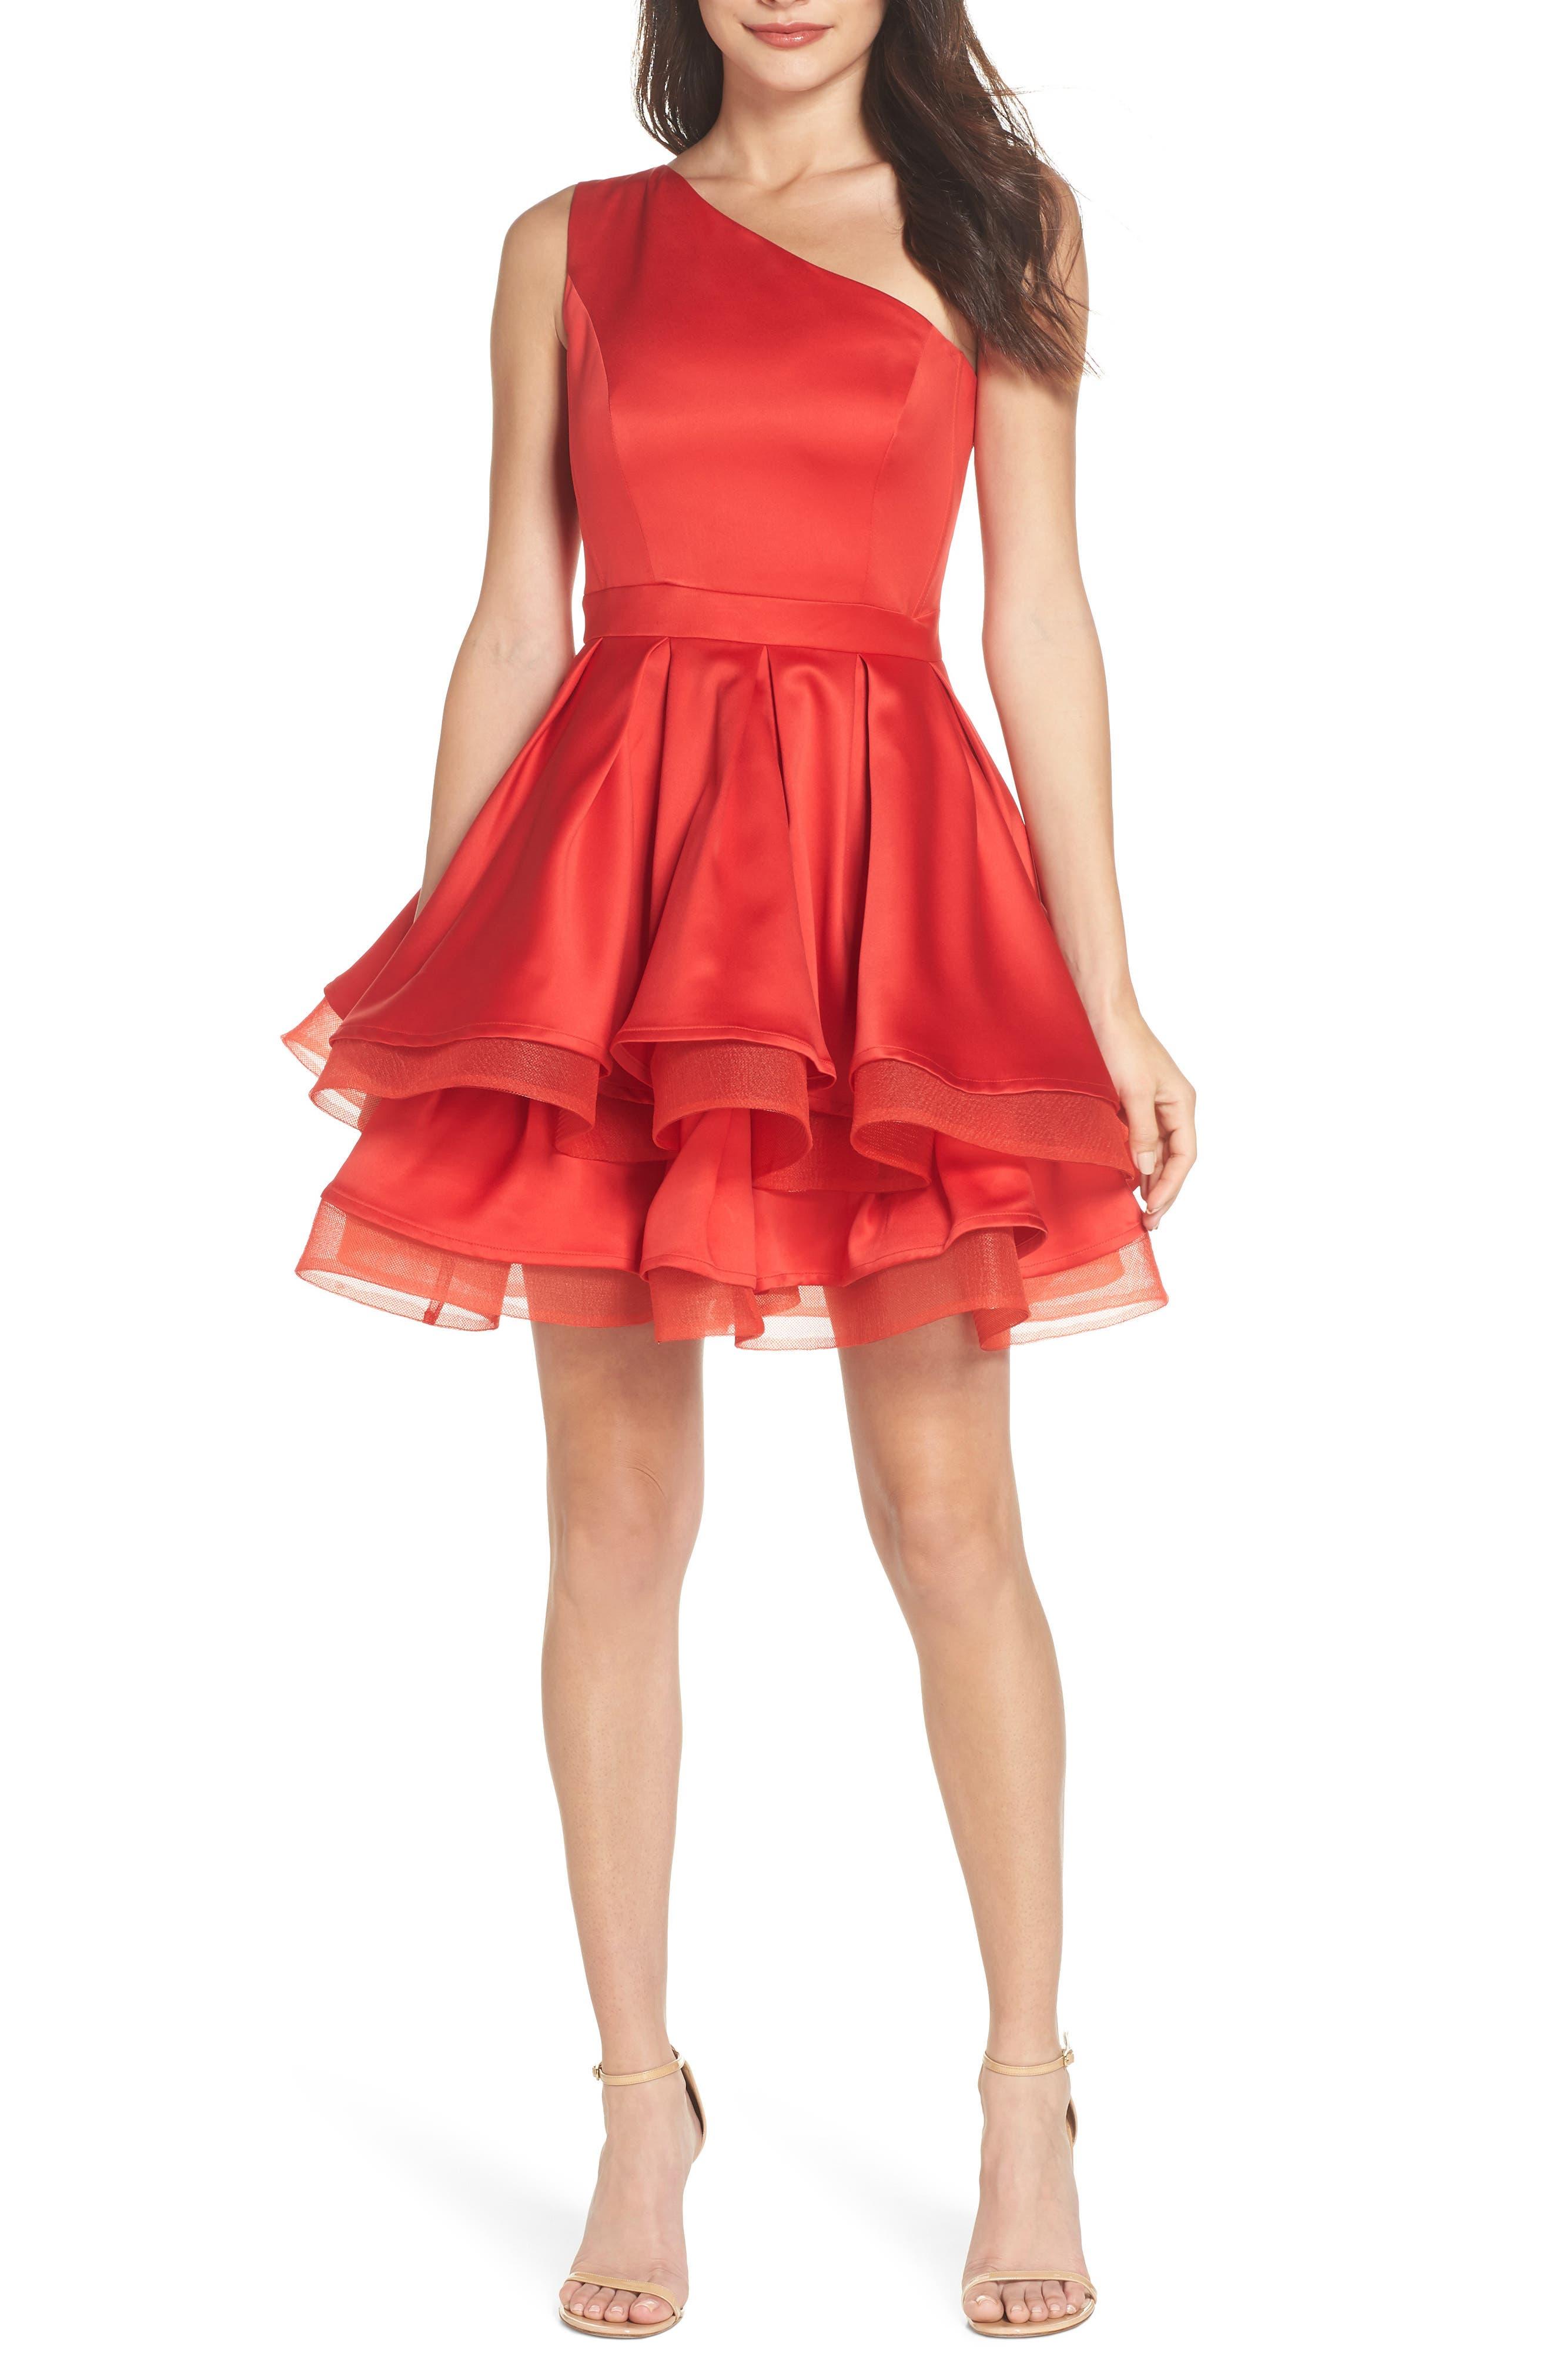 Emmanuel One-Shoulder Party Dress,                             Main thumbnail 1, color,                             600